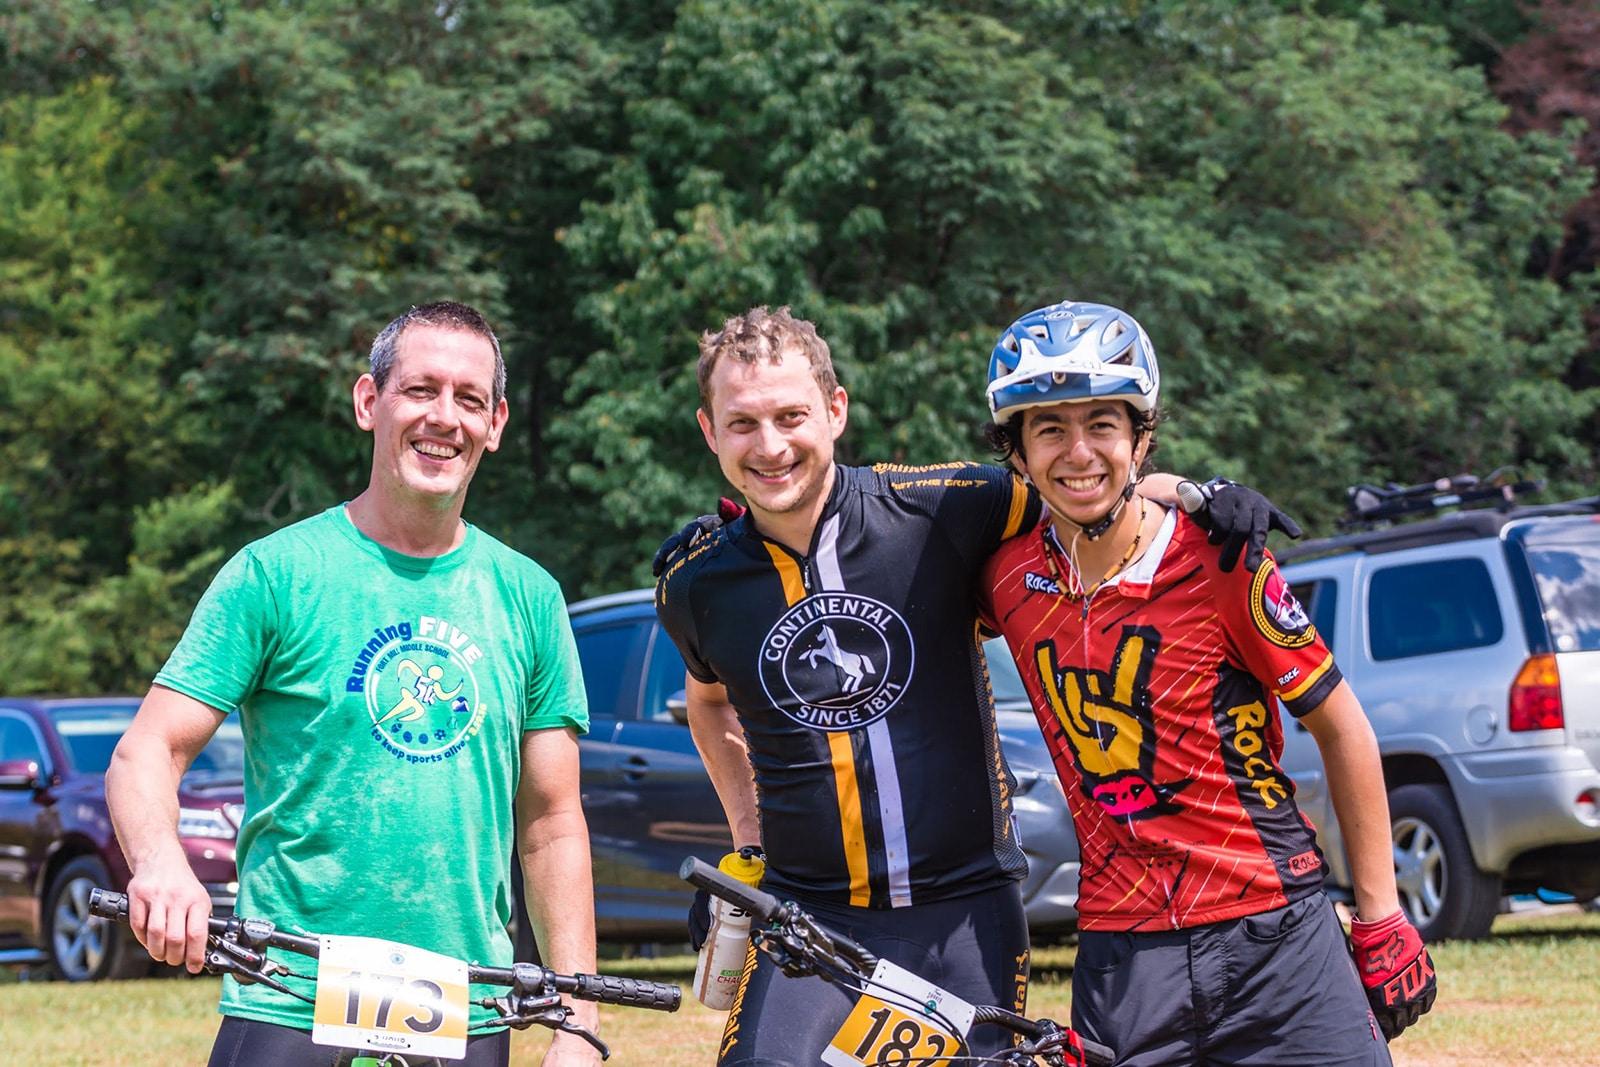 Treeshaker mountain bike race